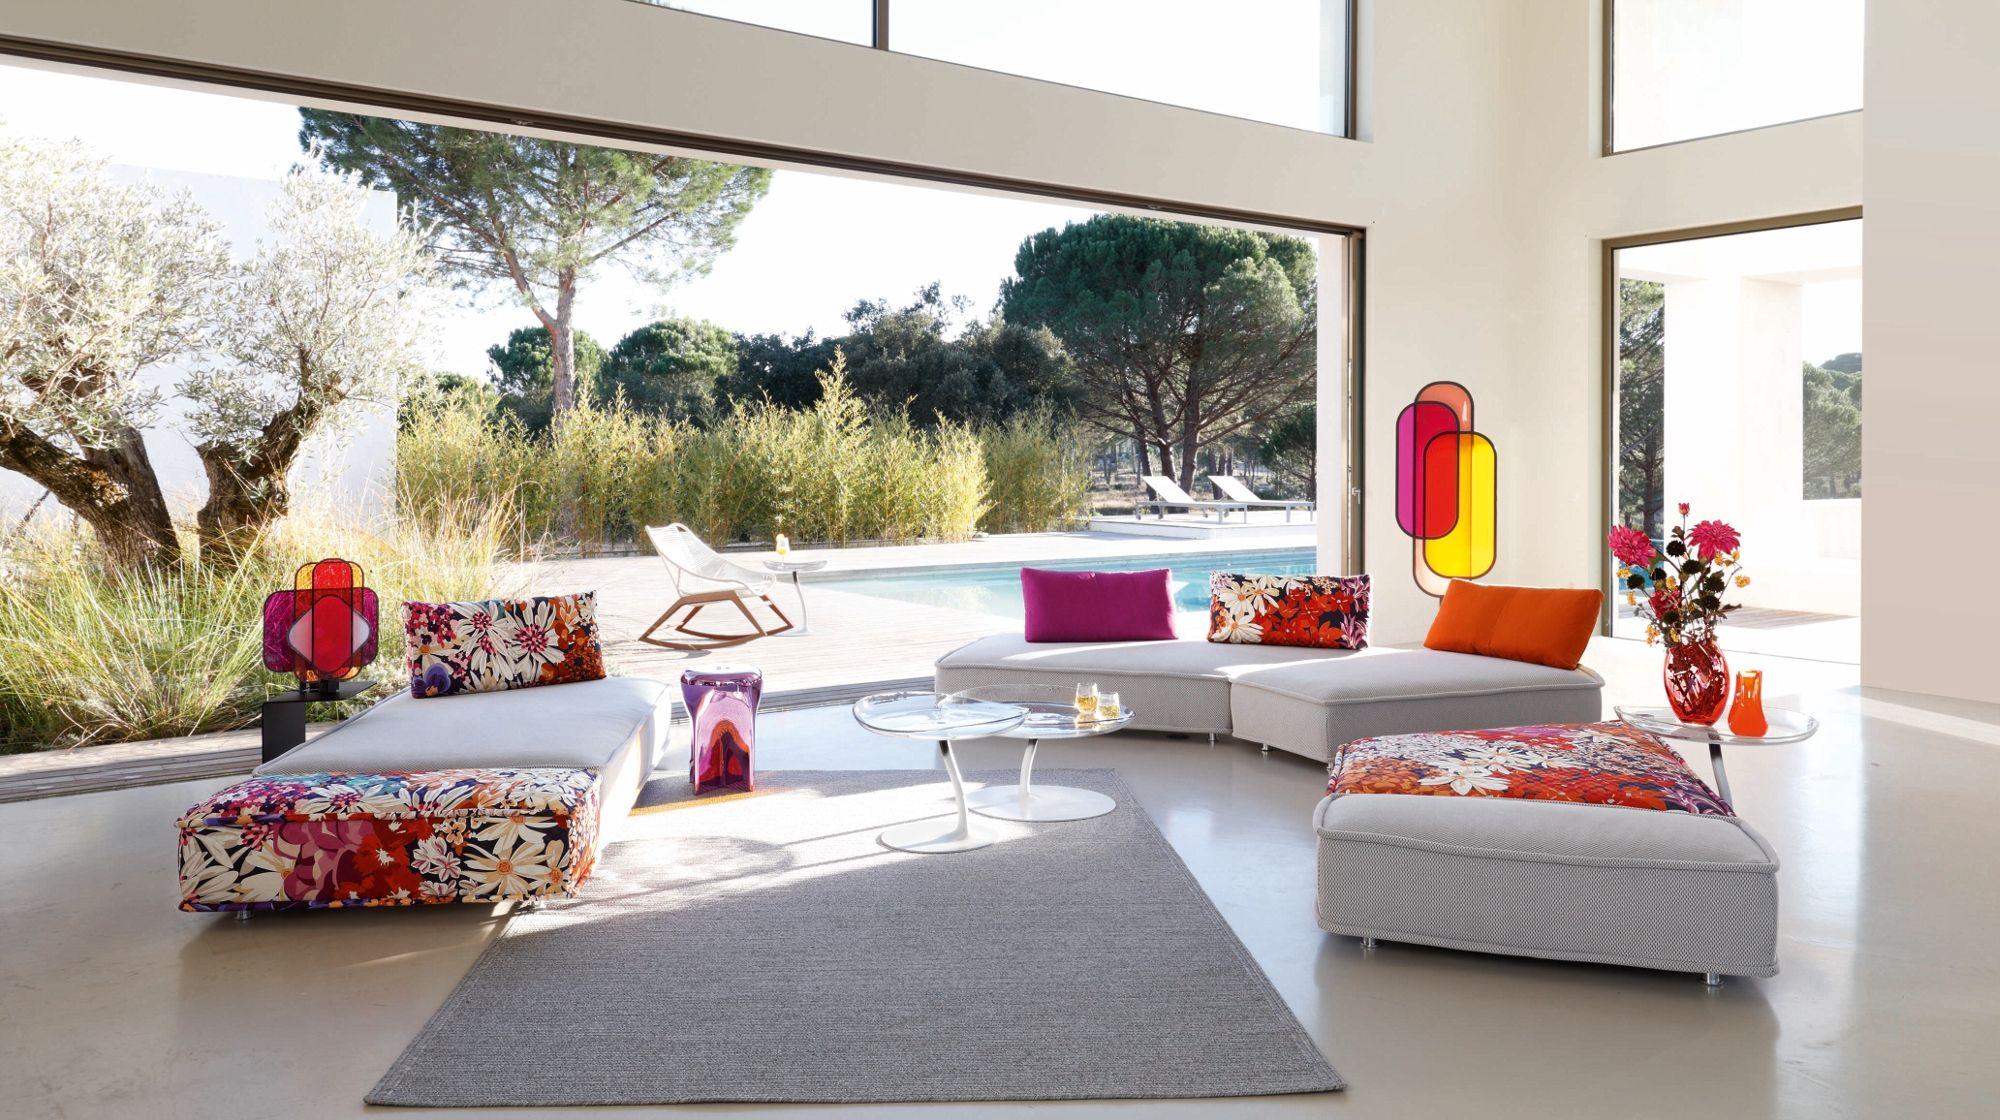 Moderne einrichtung ideen wohnzimmer roche bobois for Moderne einrichtung wohnzimmer